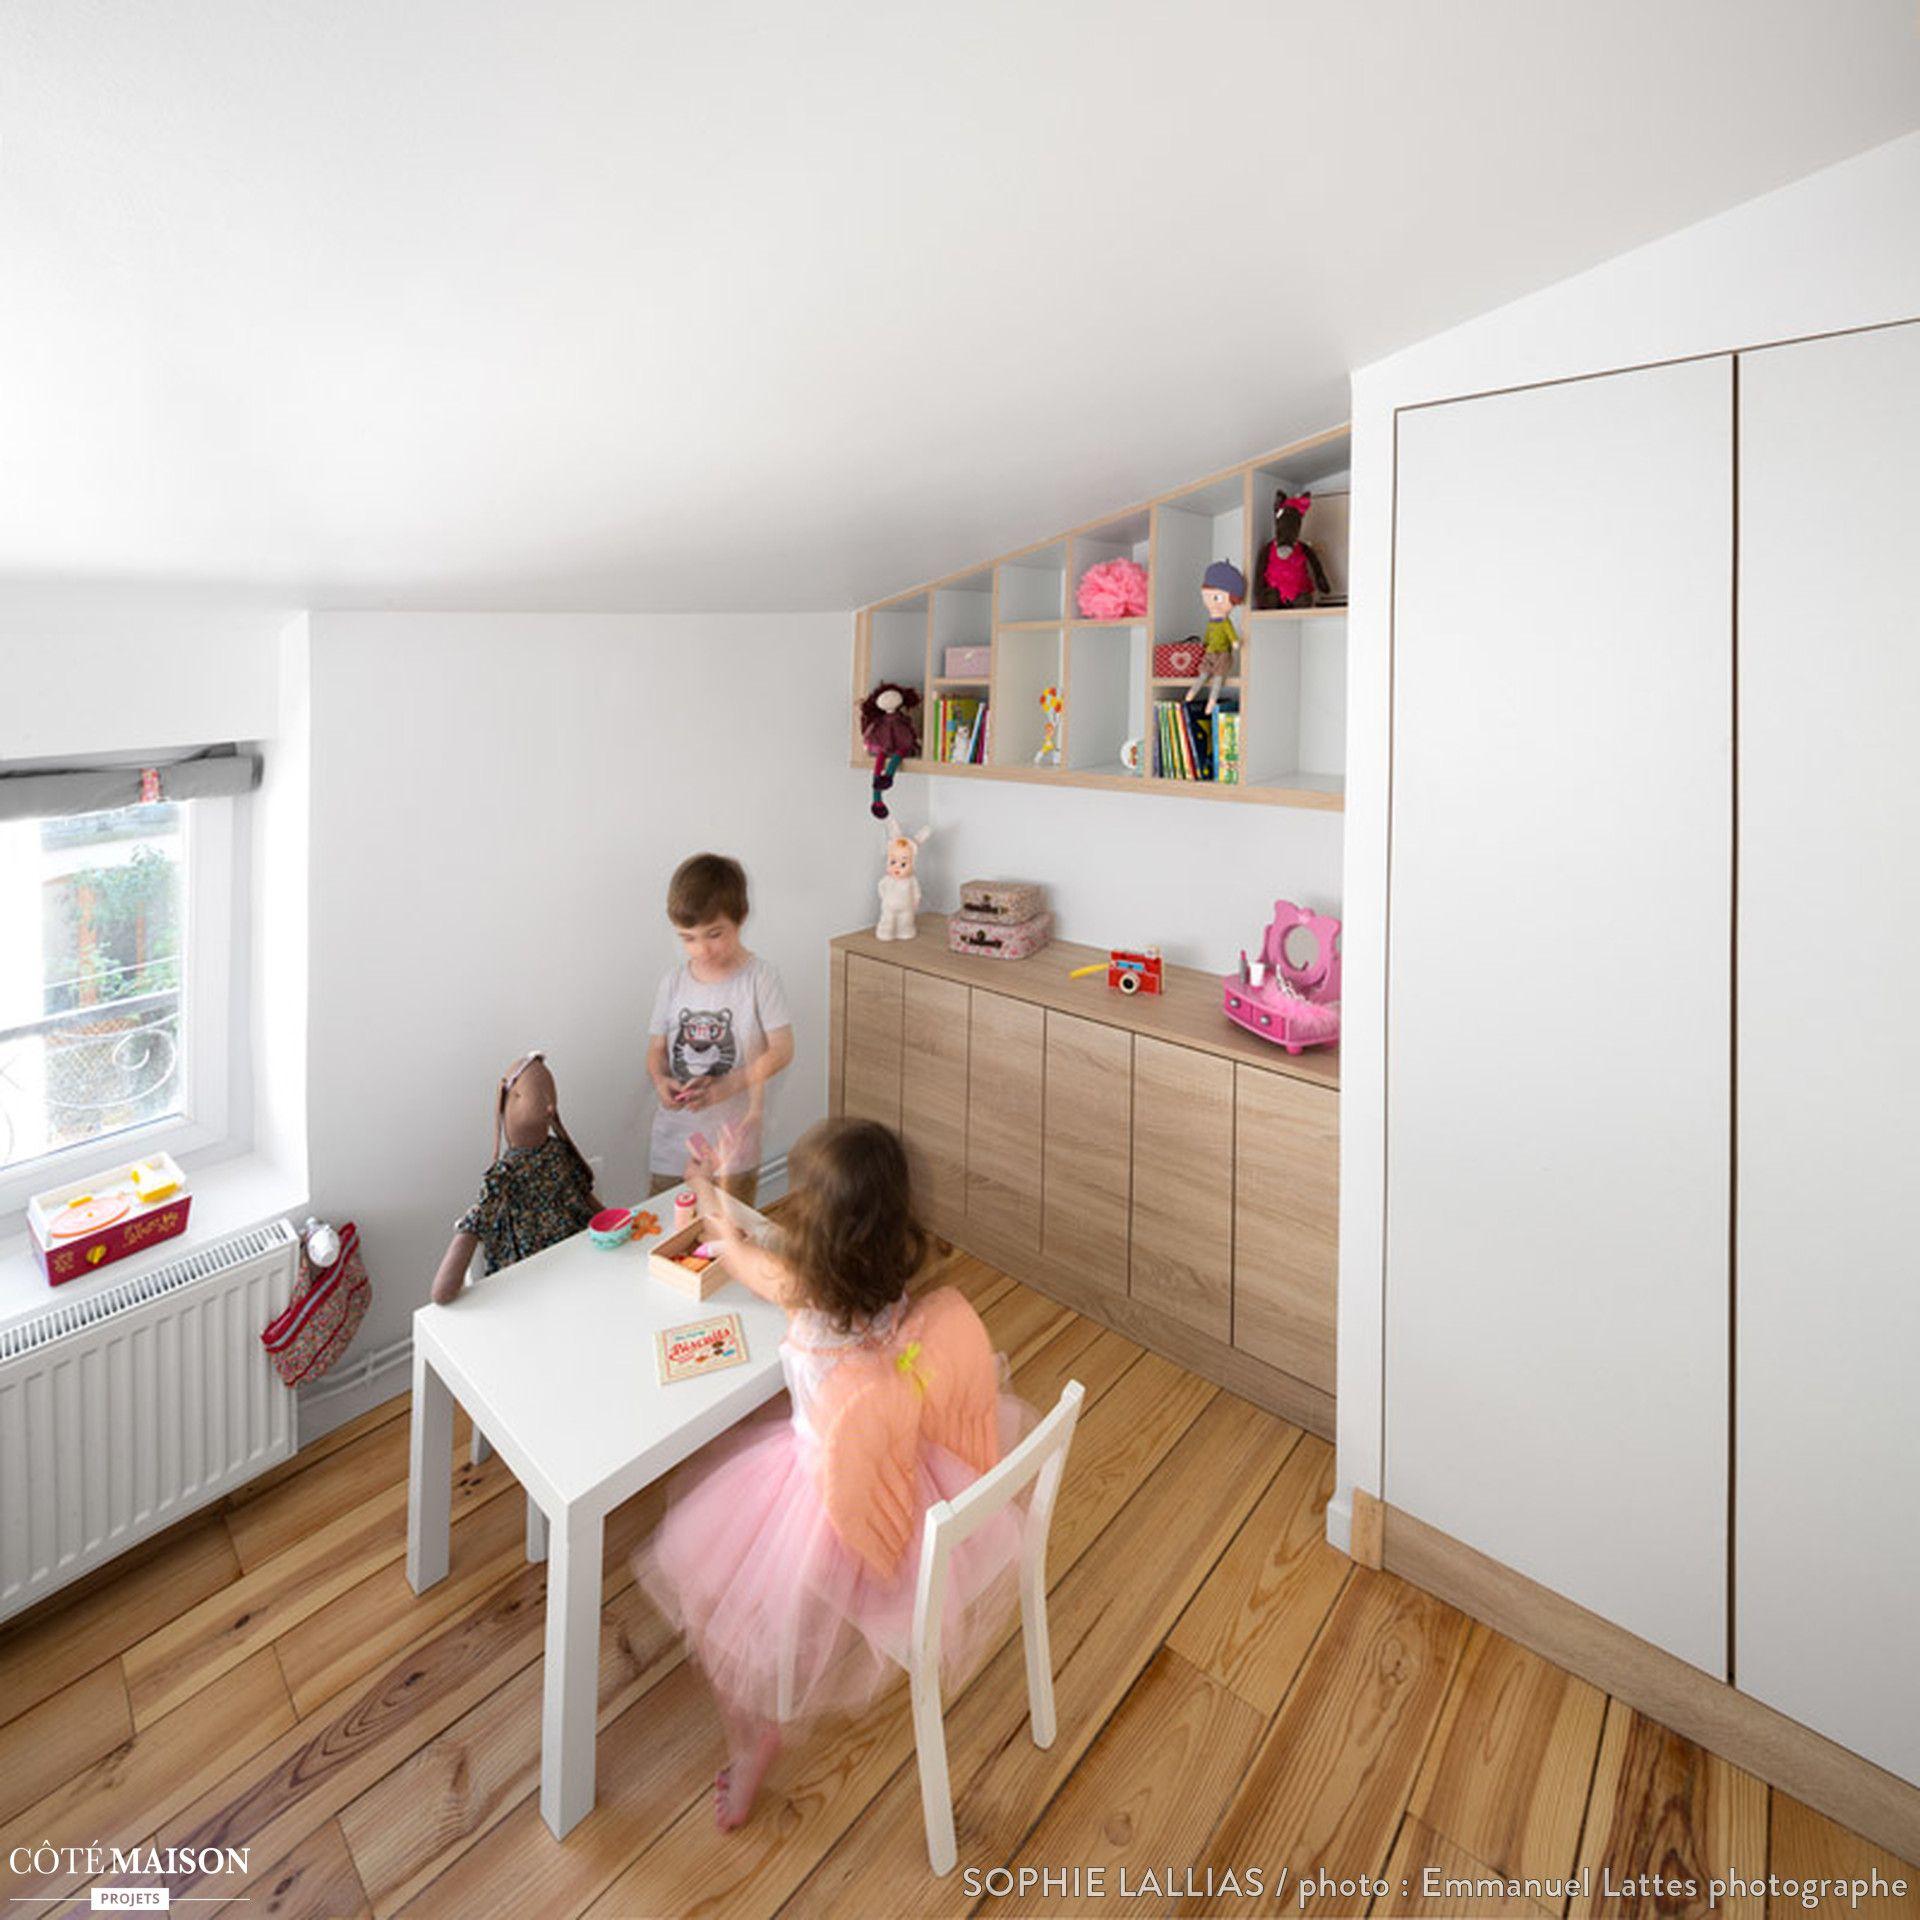 Descriptif Renovation Complete De Combles Pour Creation De Deux Chambres D Enfant Surface Util Chambre Enfant Idee Rangement Chambre Rangement Chambre Enfant